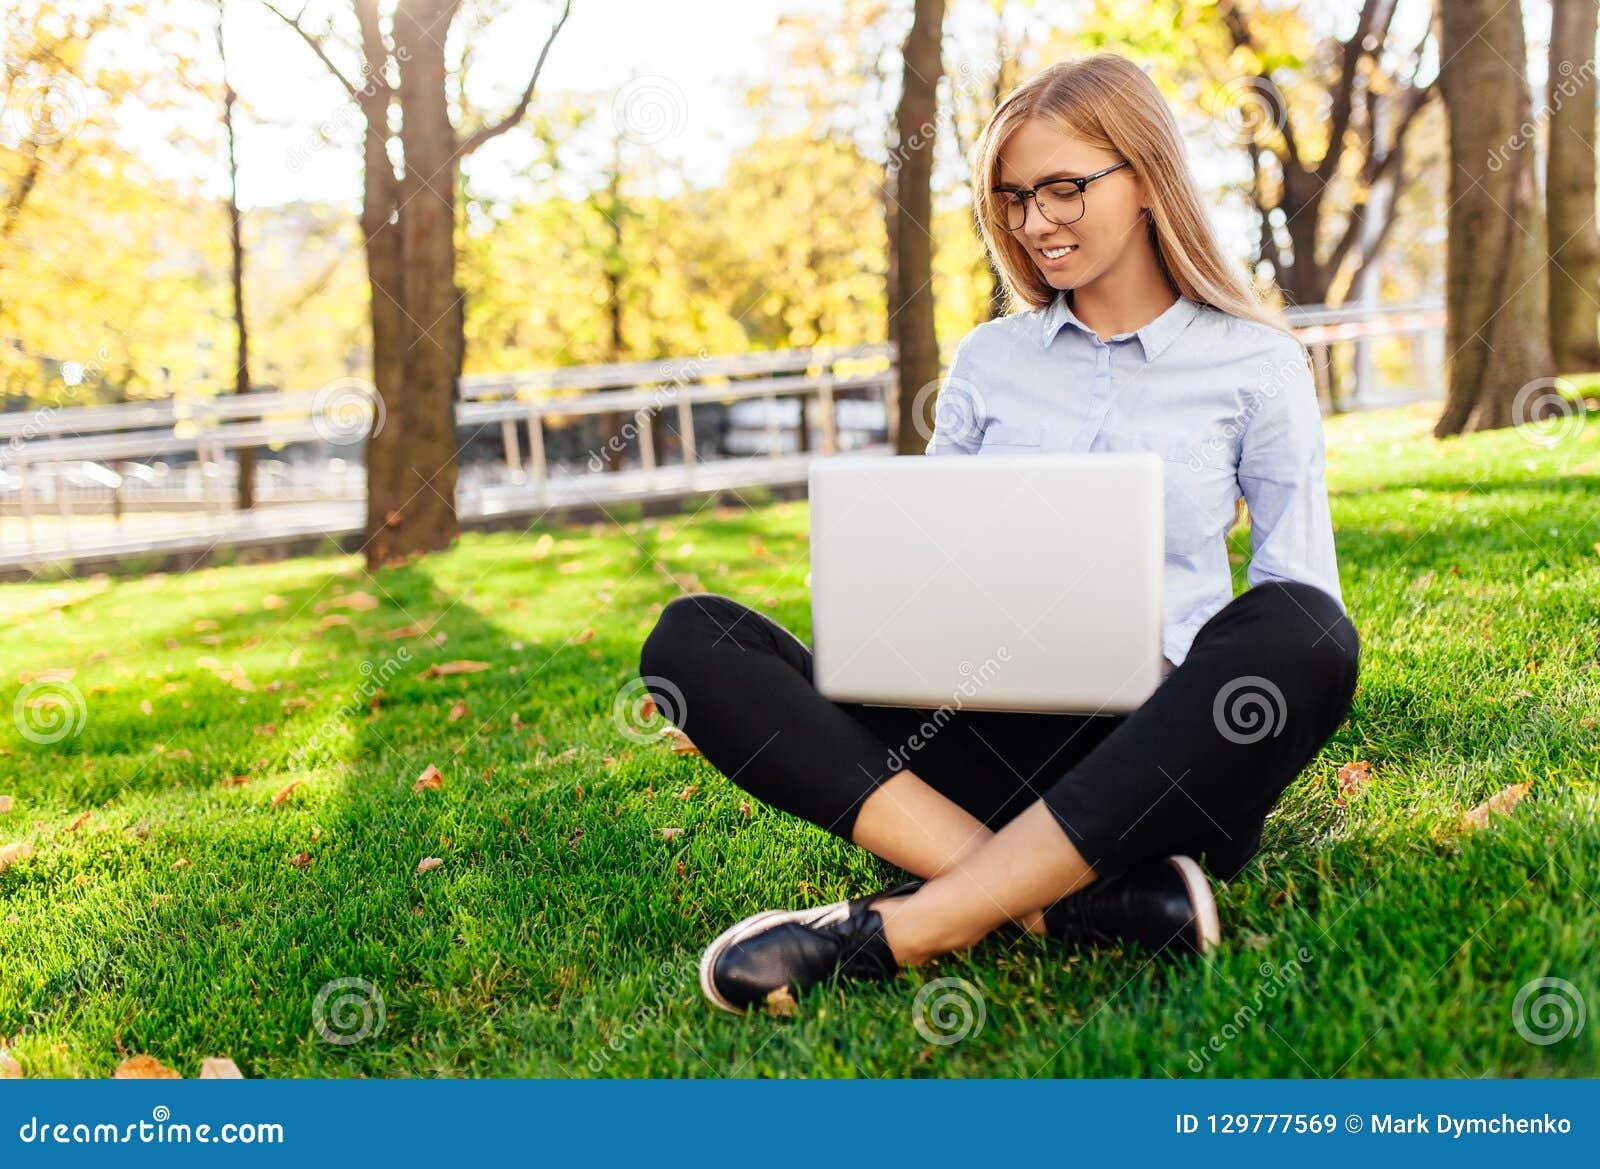 L image d une jeune dame étonnante, se reposant en parc, utilisant un ordinateur portable, se repose sur une pelouse verte